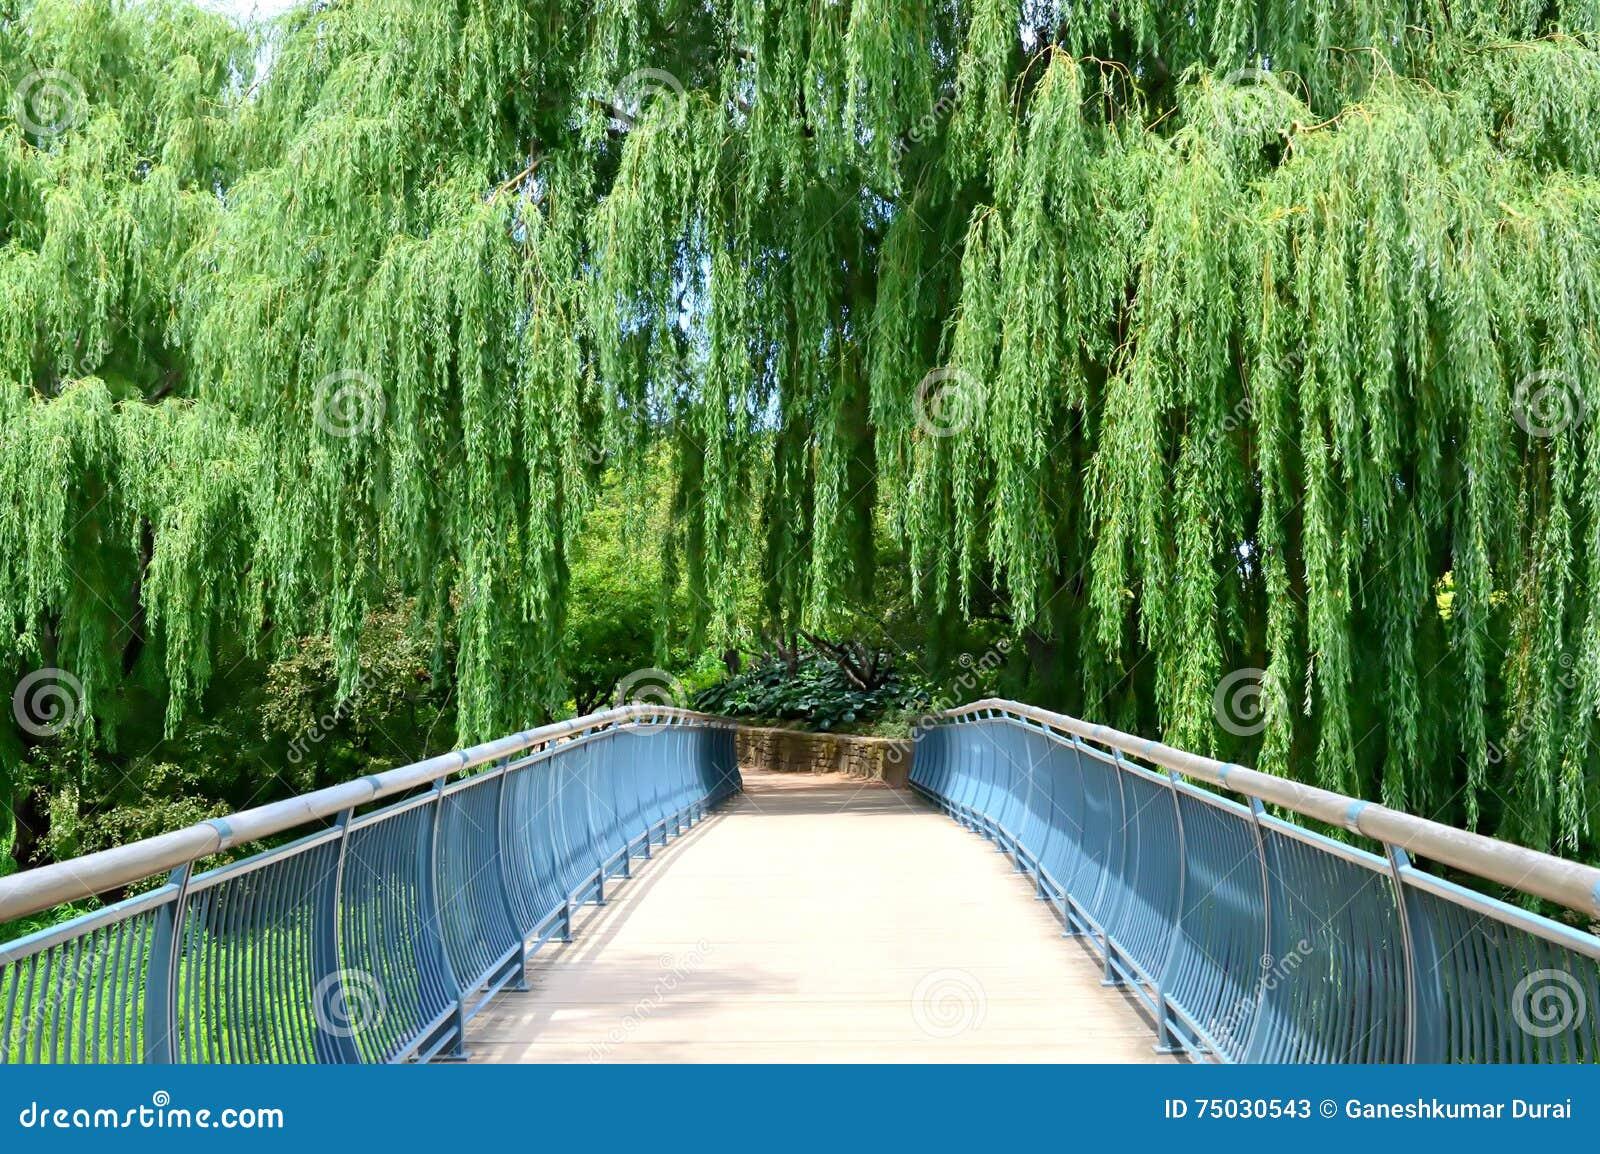 Summer at Chicago Botanic Garden